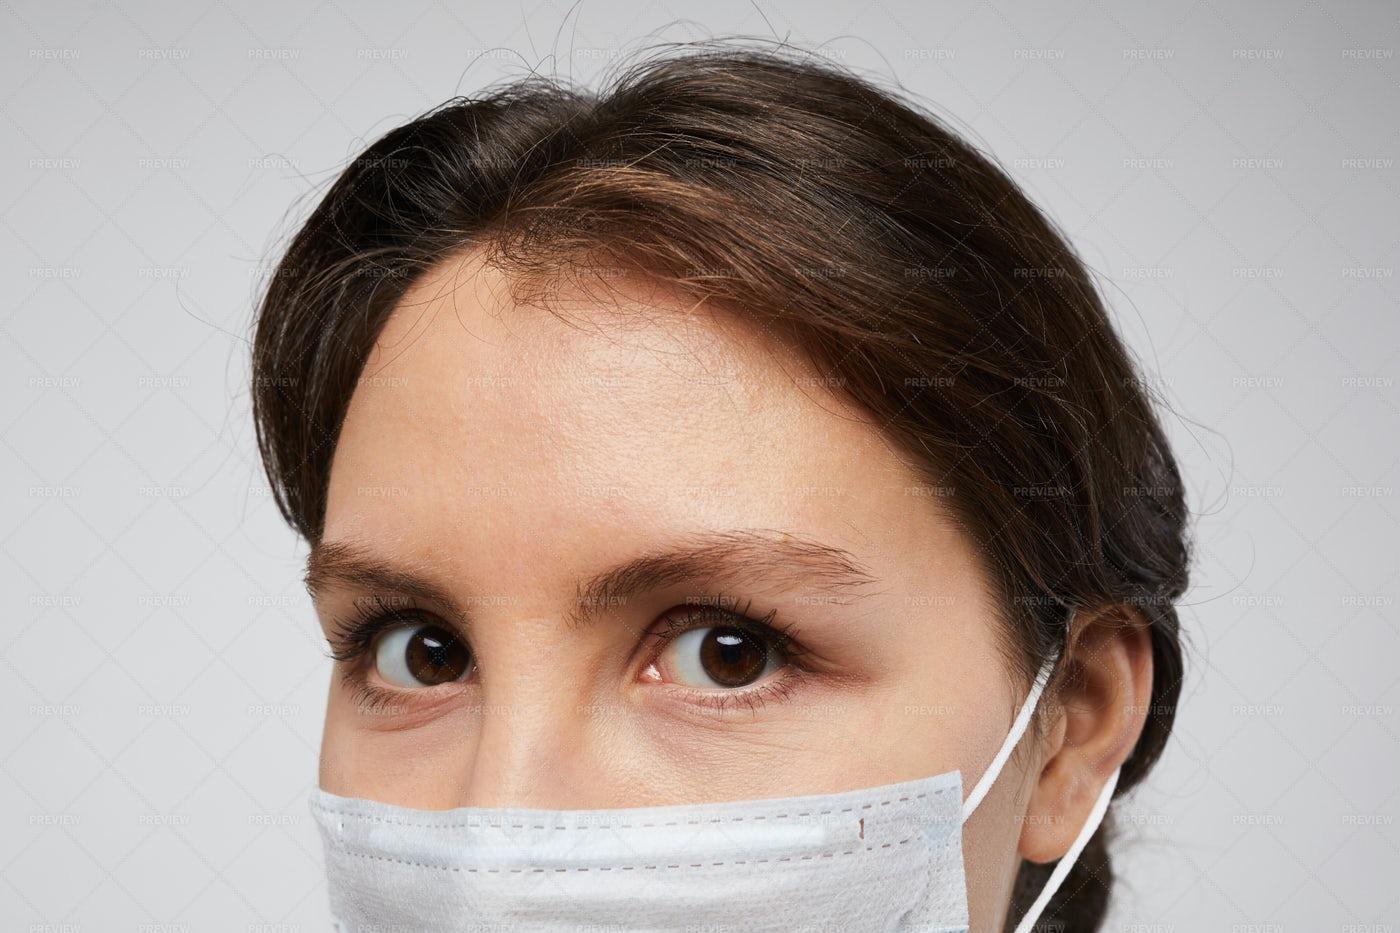 Woman Wearing Face Mask Close Up: Stock Photos